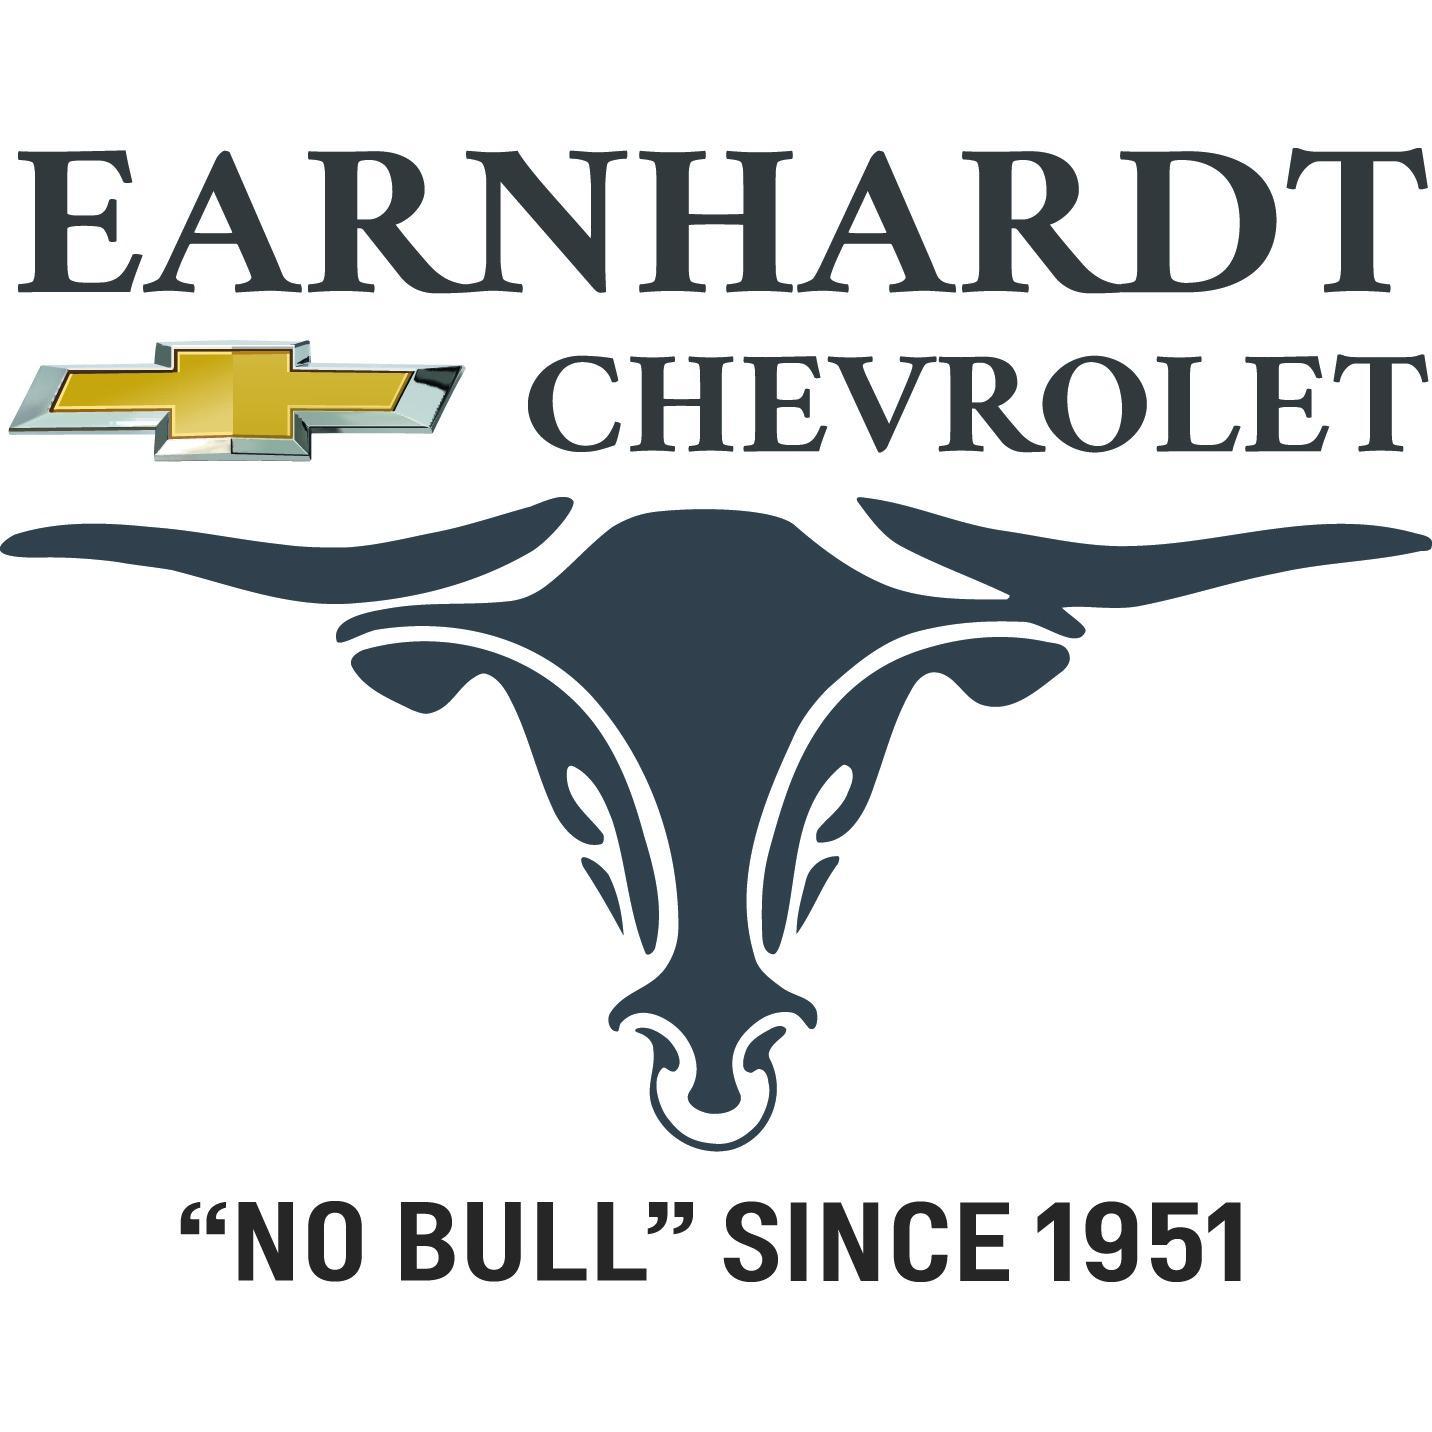 Earnhardt Chevrolet